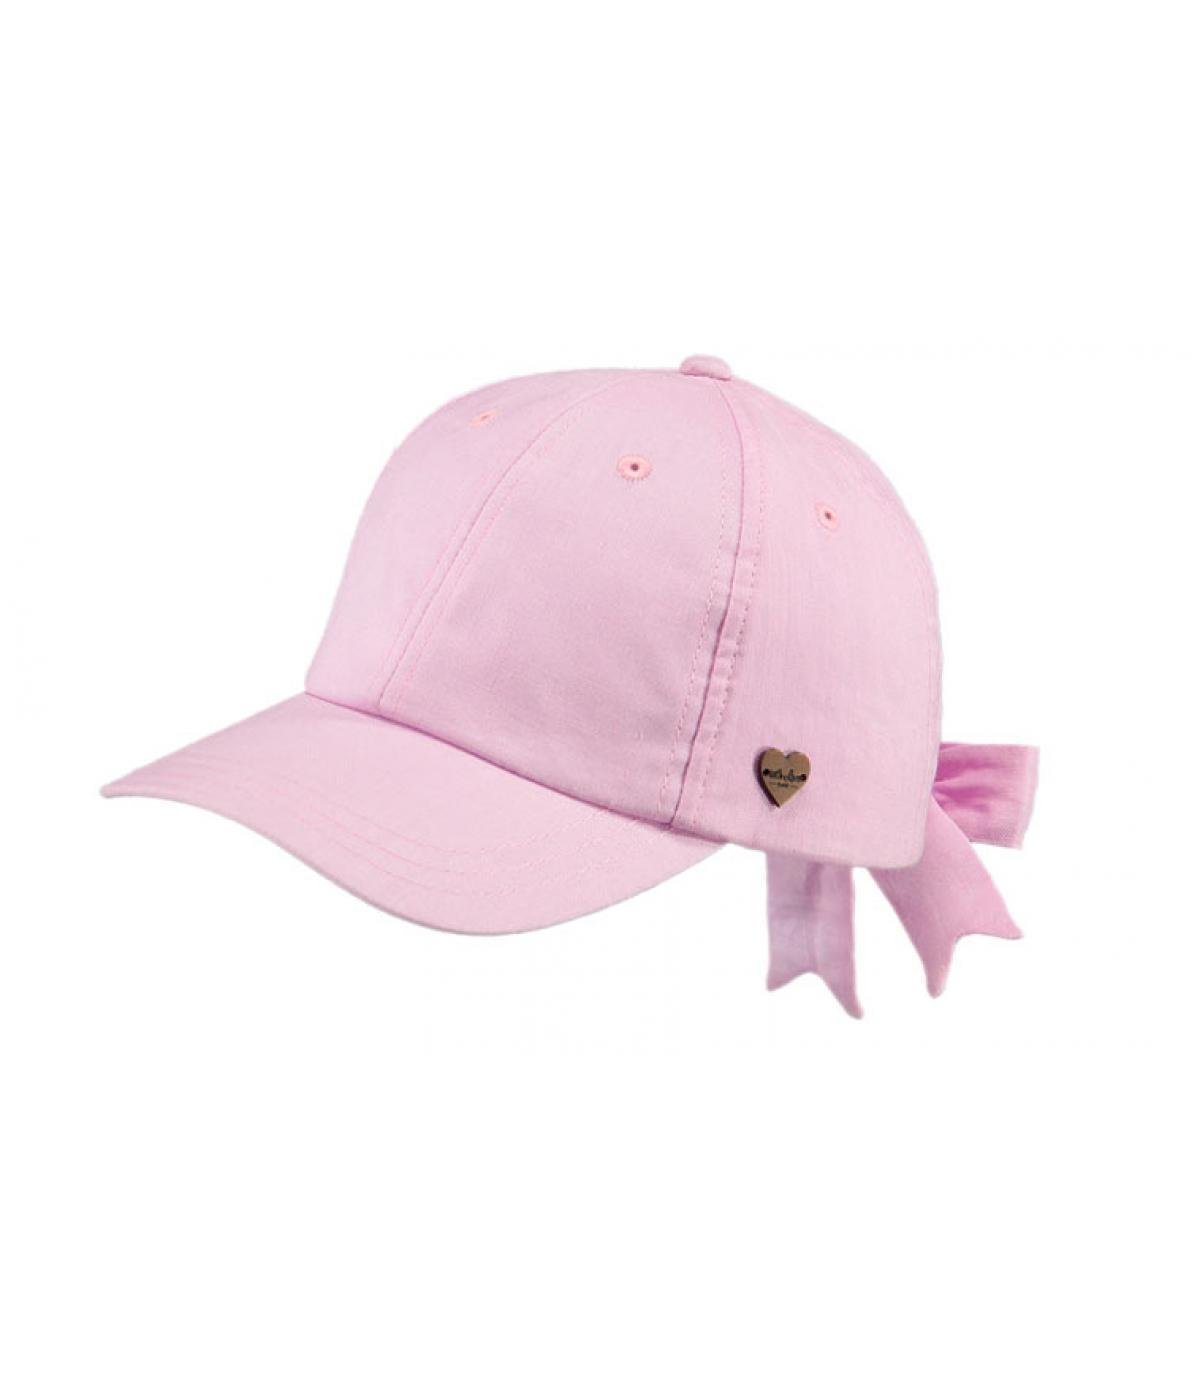 Détails Flamingo pink - image 2